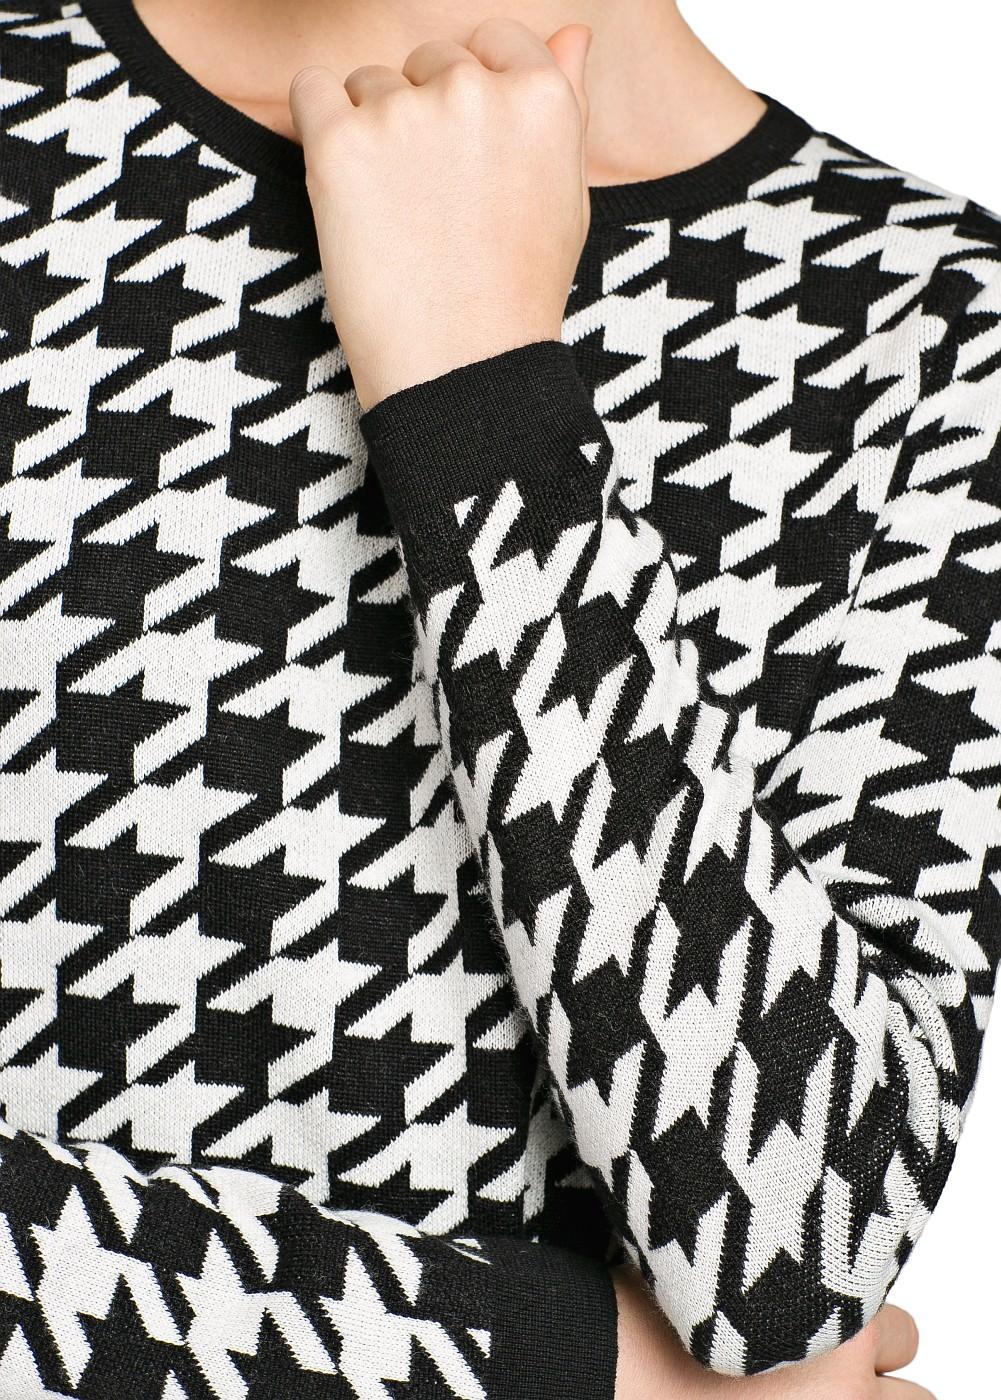 Houndstooth wool-blend sweater - Women - MANGO